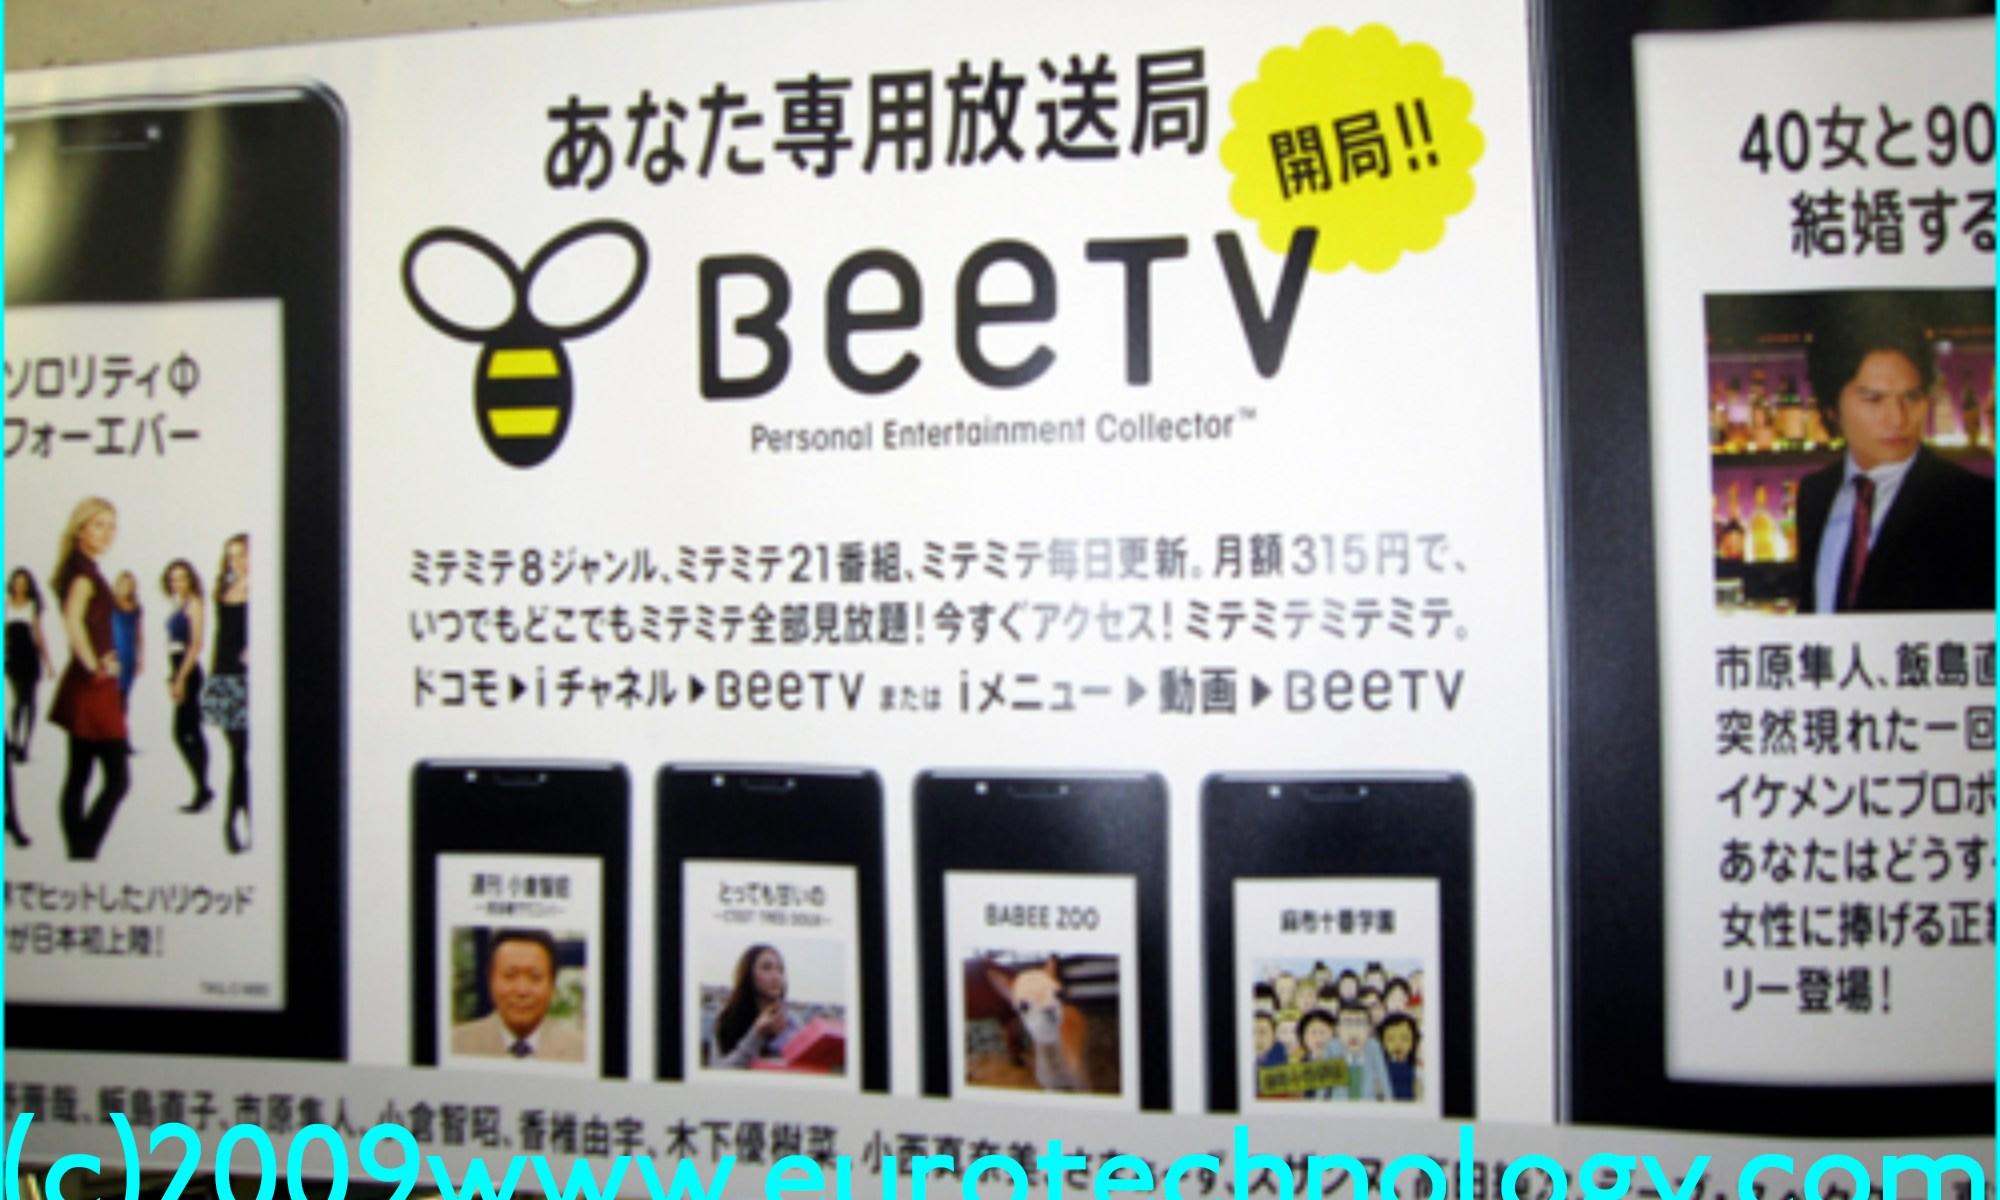 beeTV NTT docomo's new mobile tv